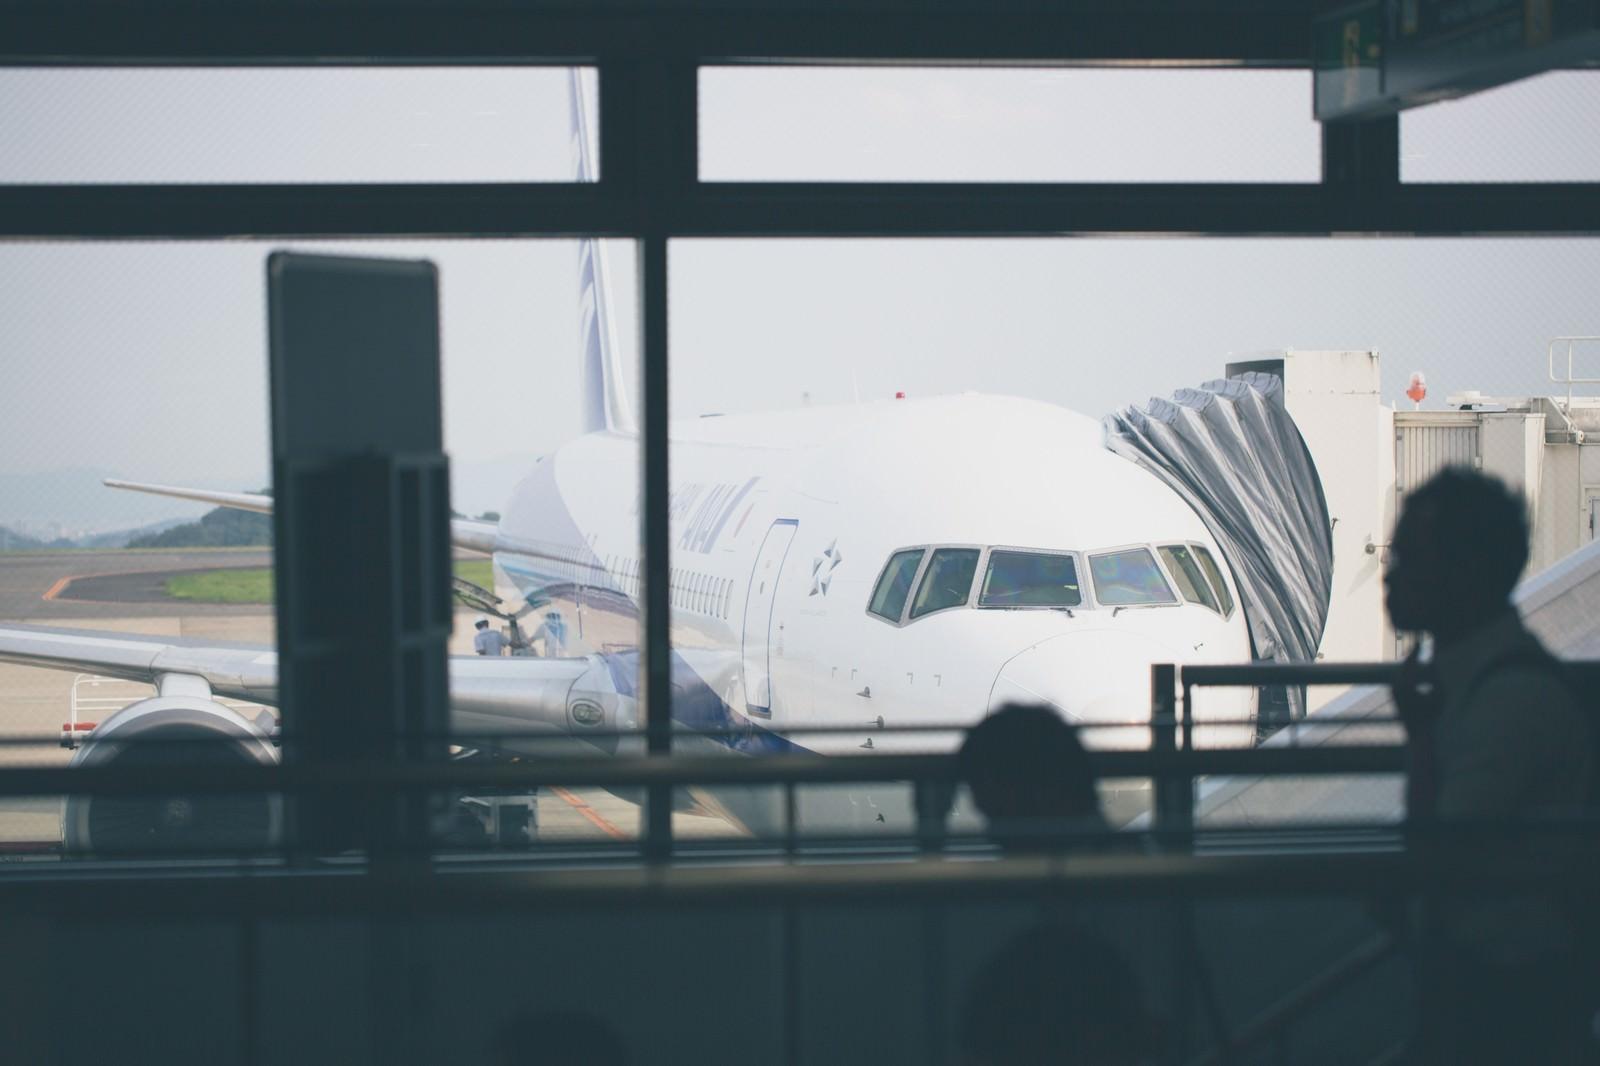 「旅客機と搭乗客 | 写真の無料素材・フリー素材 - ぱくたそ」の写真